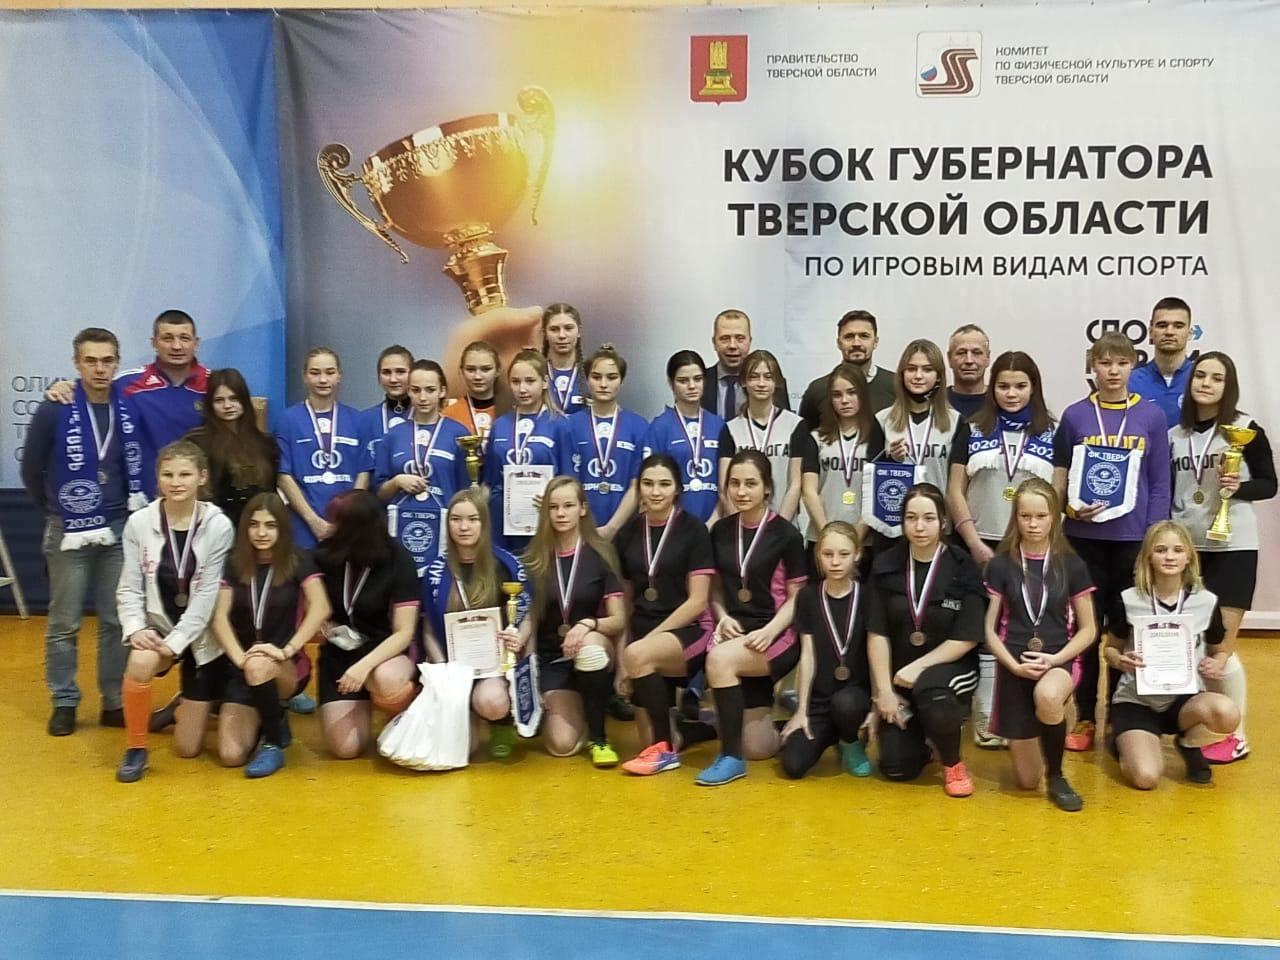 ФК «Тверь» провёл конкурс пенальти для участниц соревнований по мини-футболу